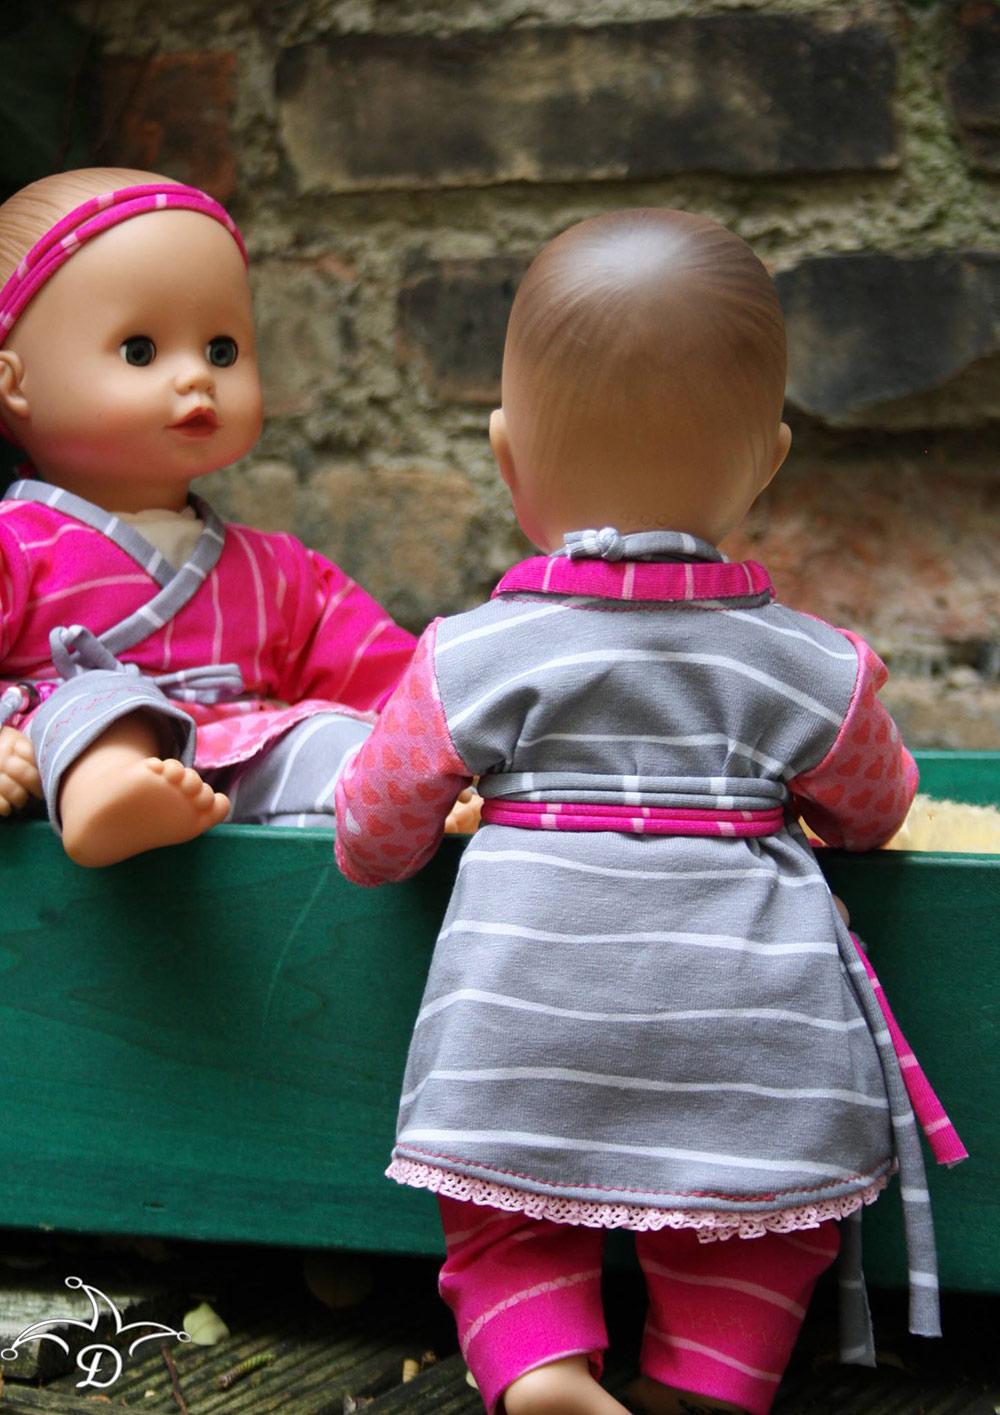 Oberteil für Puppe nähen: Schnittmuster gratis